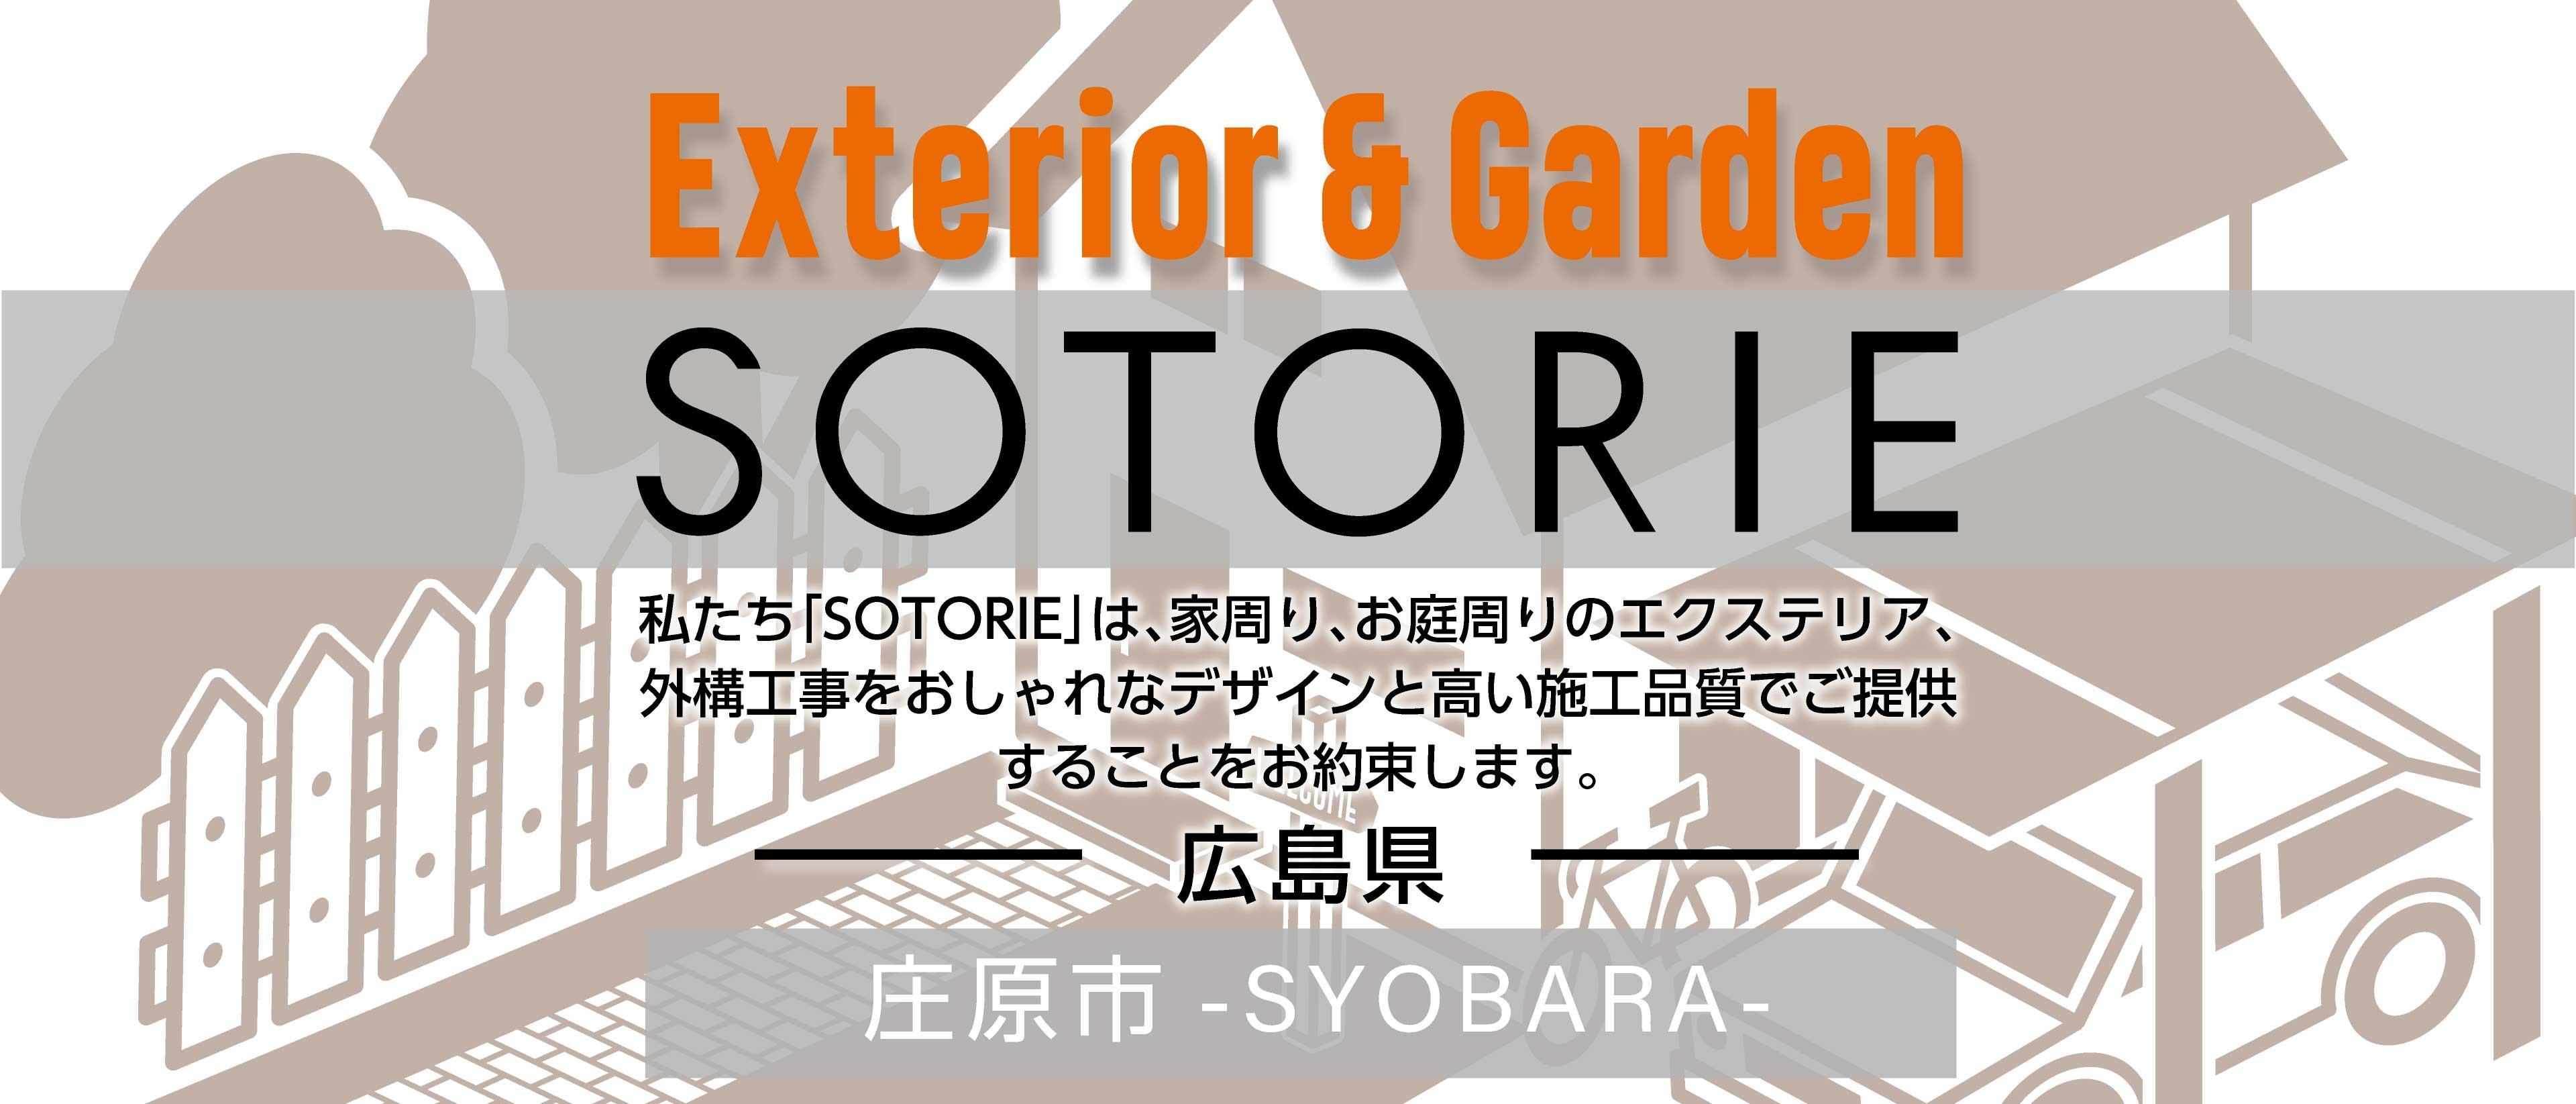 ソトリエ庄原市では、家周りと庭周りの外構、エクステリア工事をおしゃれなデザインと高い施工品質でご提供することをお約束します。